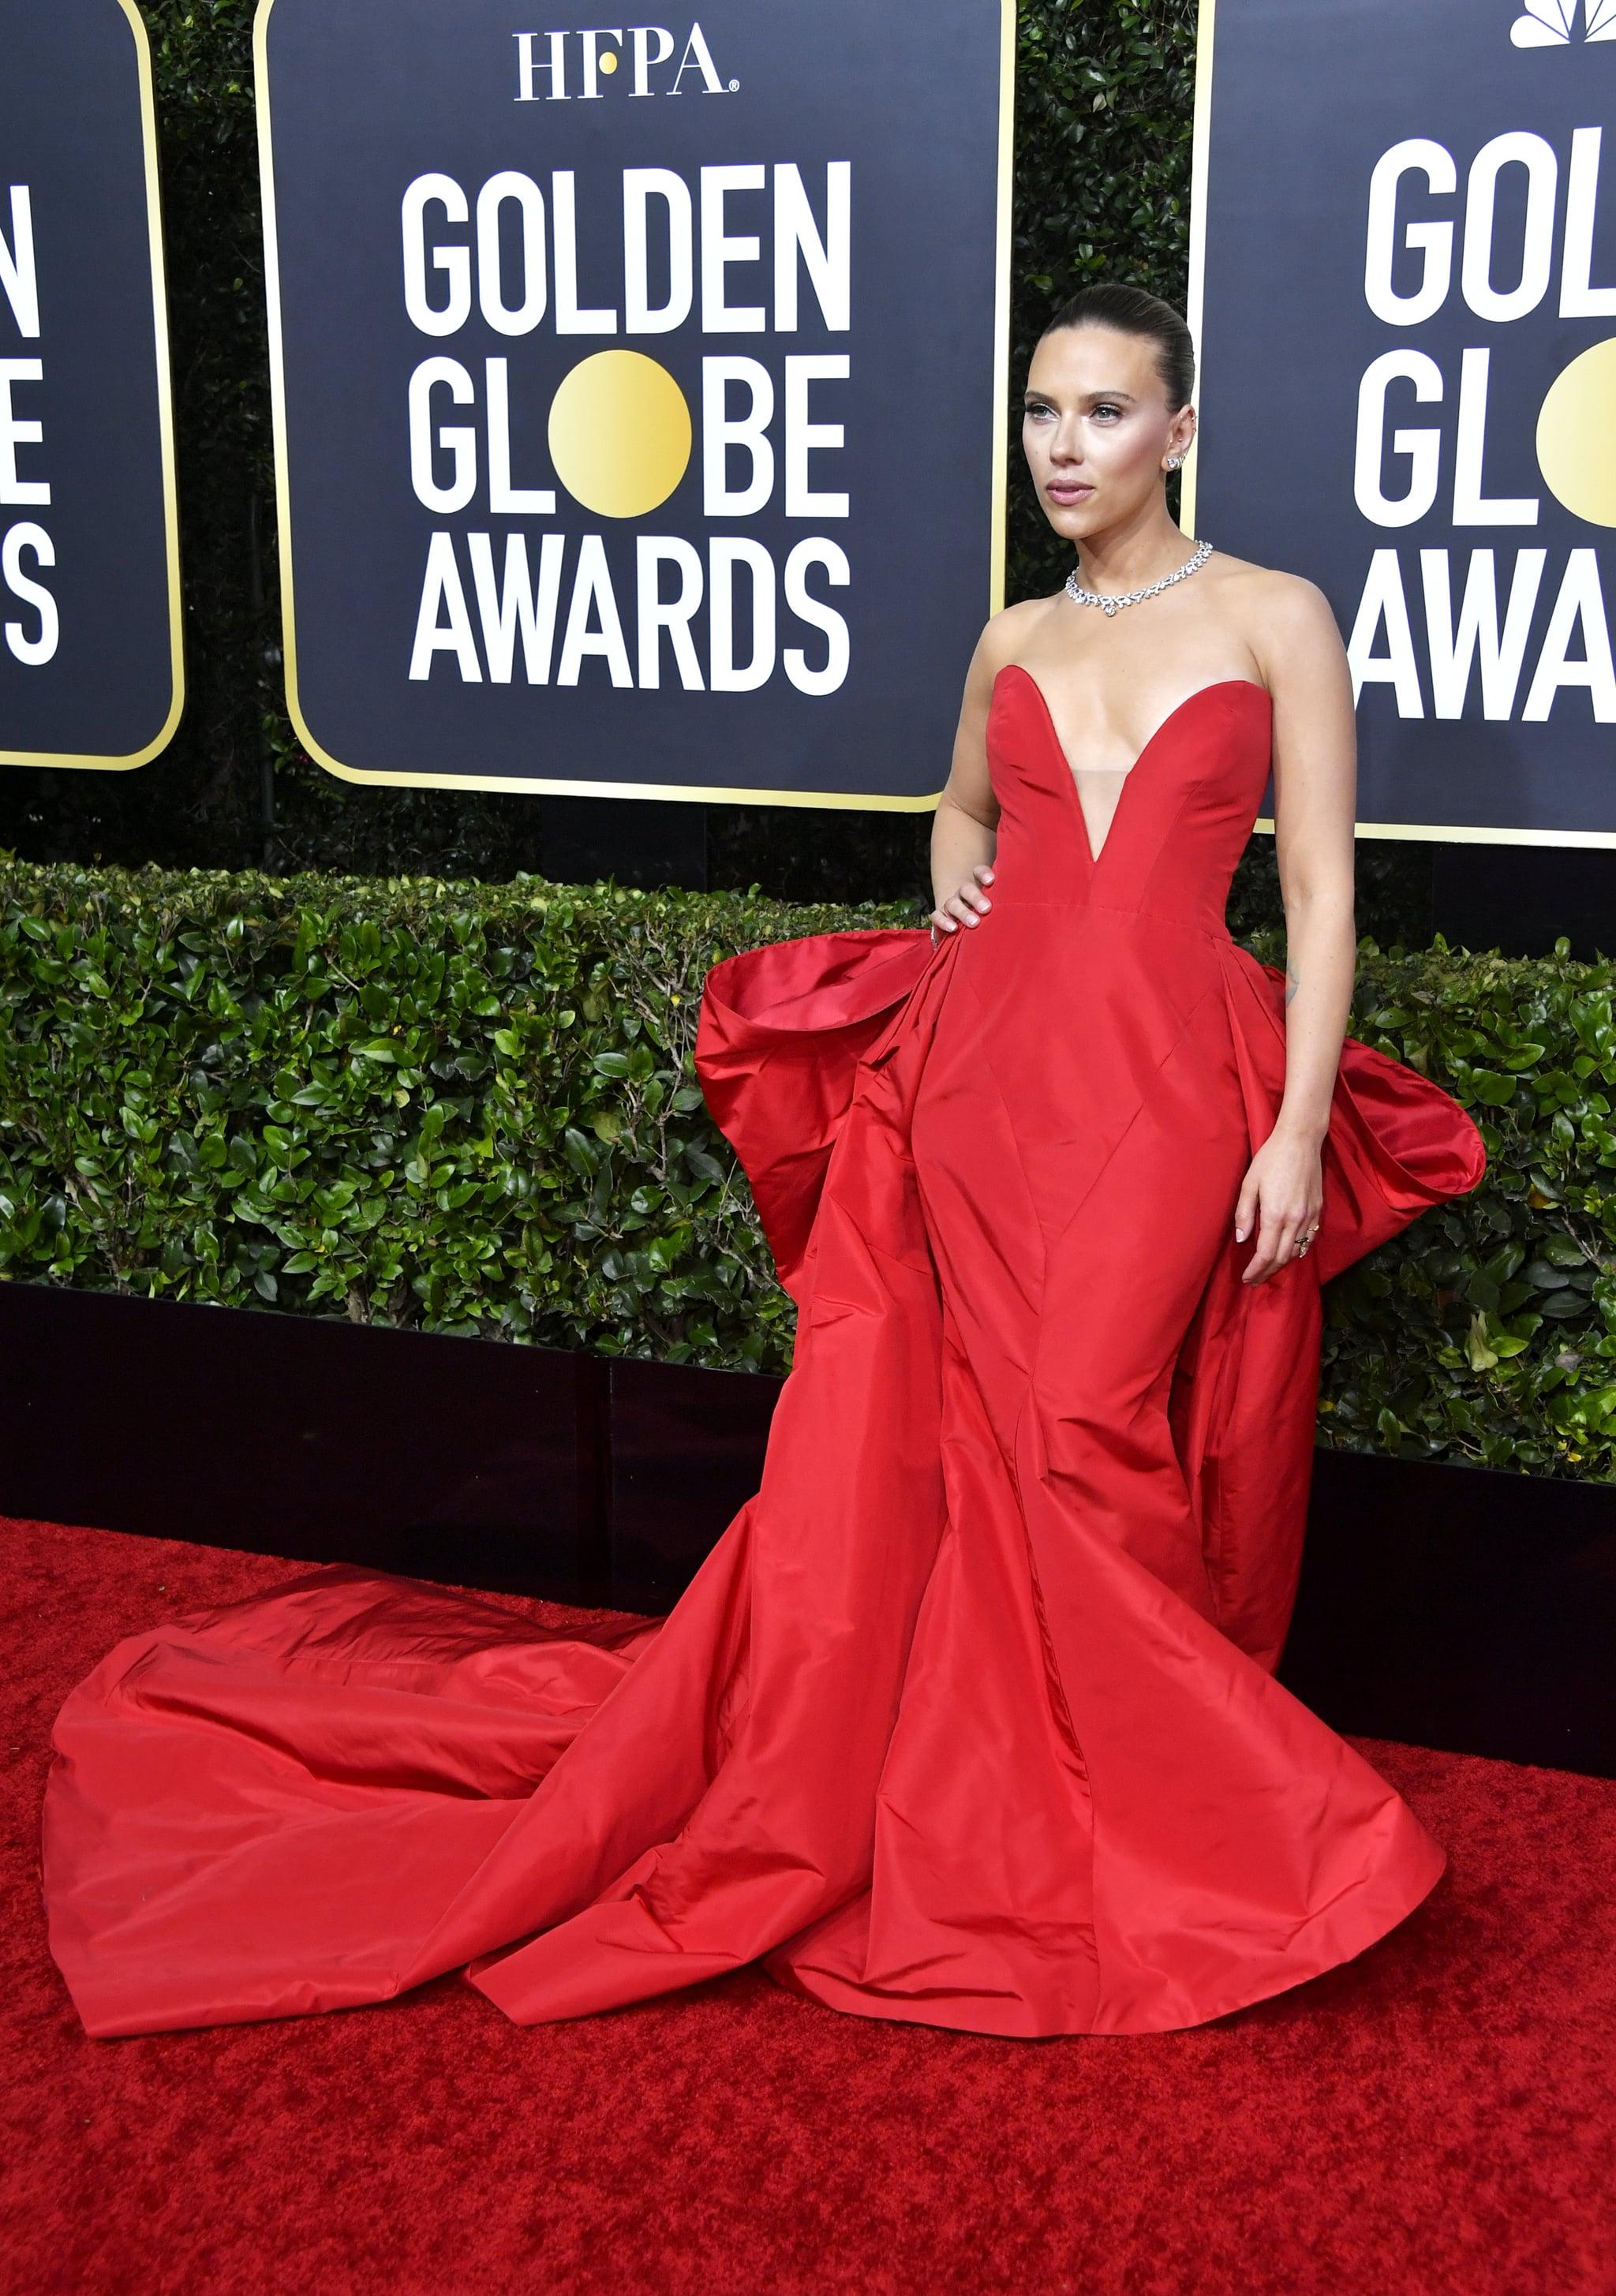 سكارليت جوهانسون في فستان أحمر من فيرا وانغ